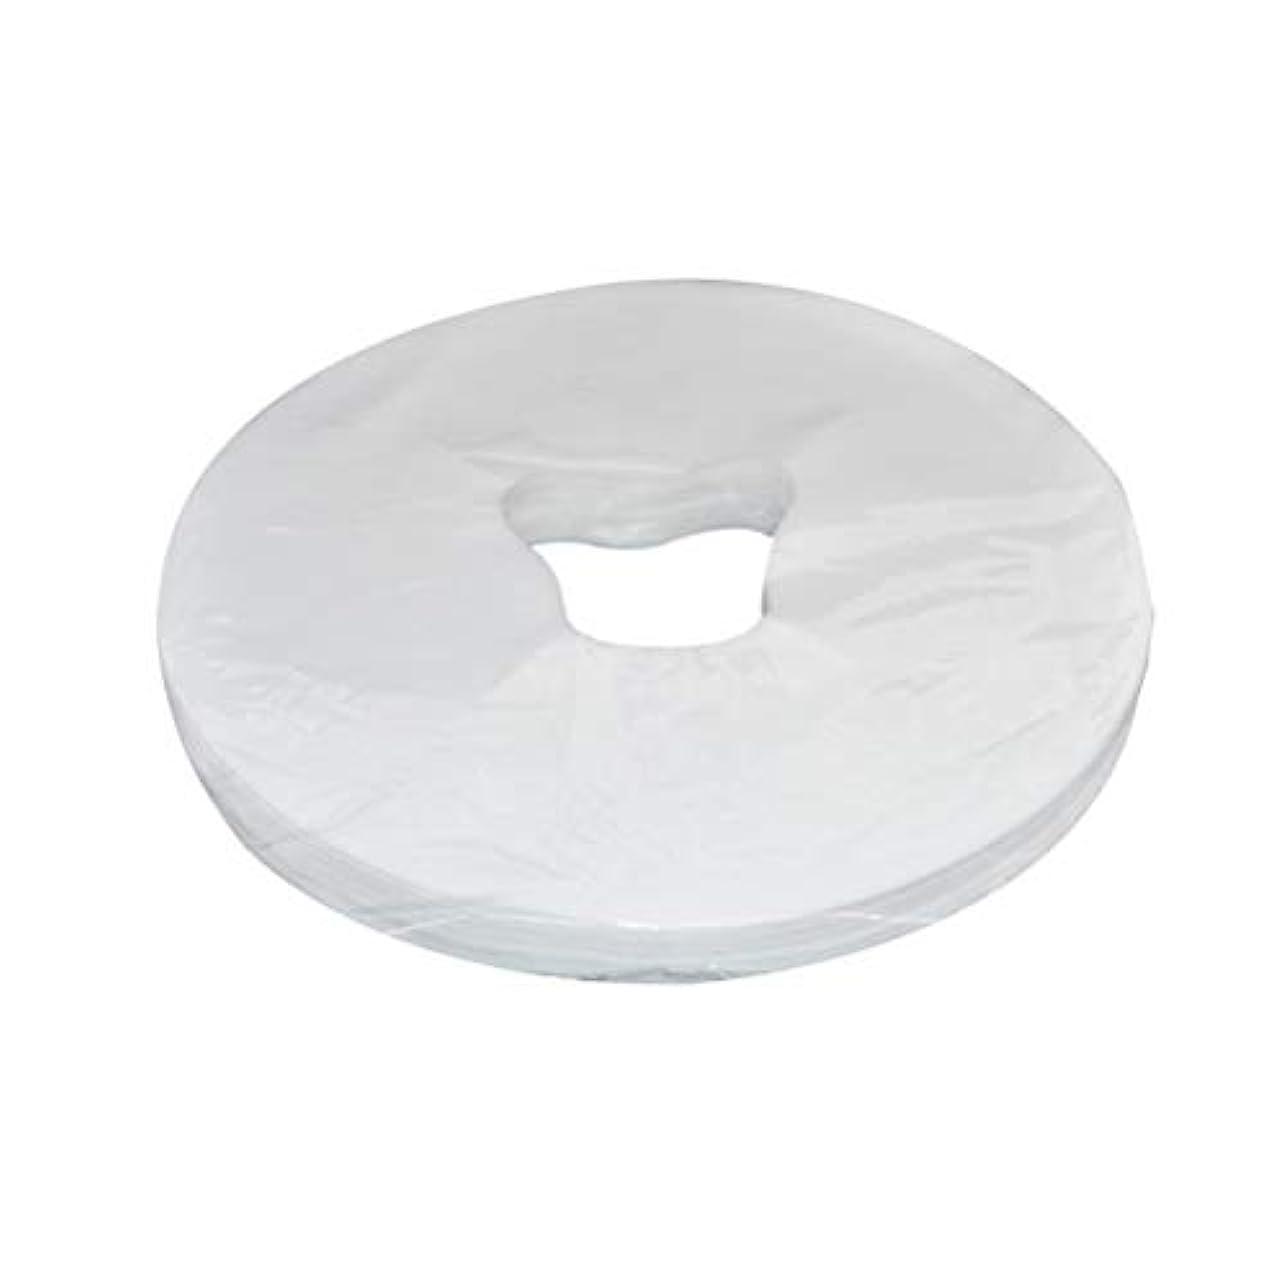 境界薄暗い馬鹿げたHealifty 100シート無織布巾 使い捨て マッサージフェイスピローカバー フェイスカバー ヘッドレストピローシート(ホワイト)